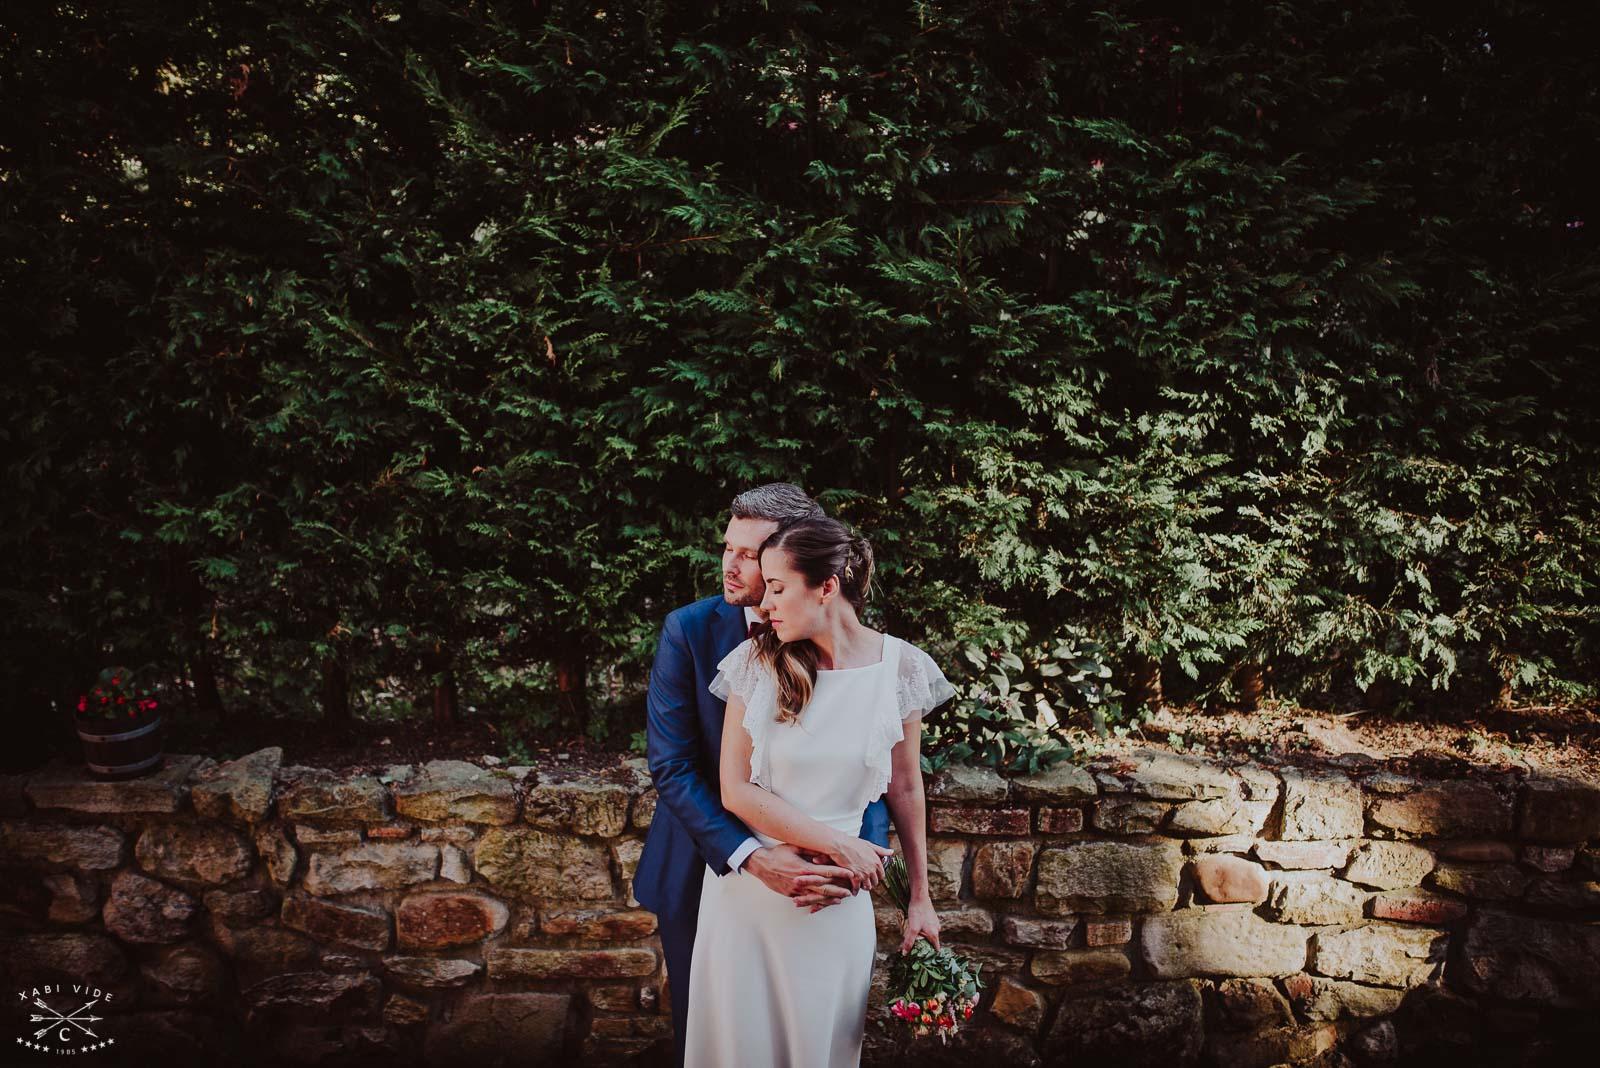 fotografo de bodas en bilbao-170